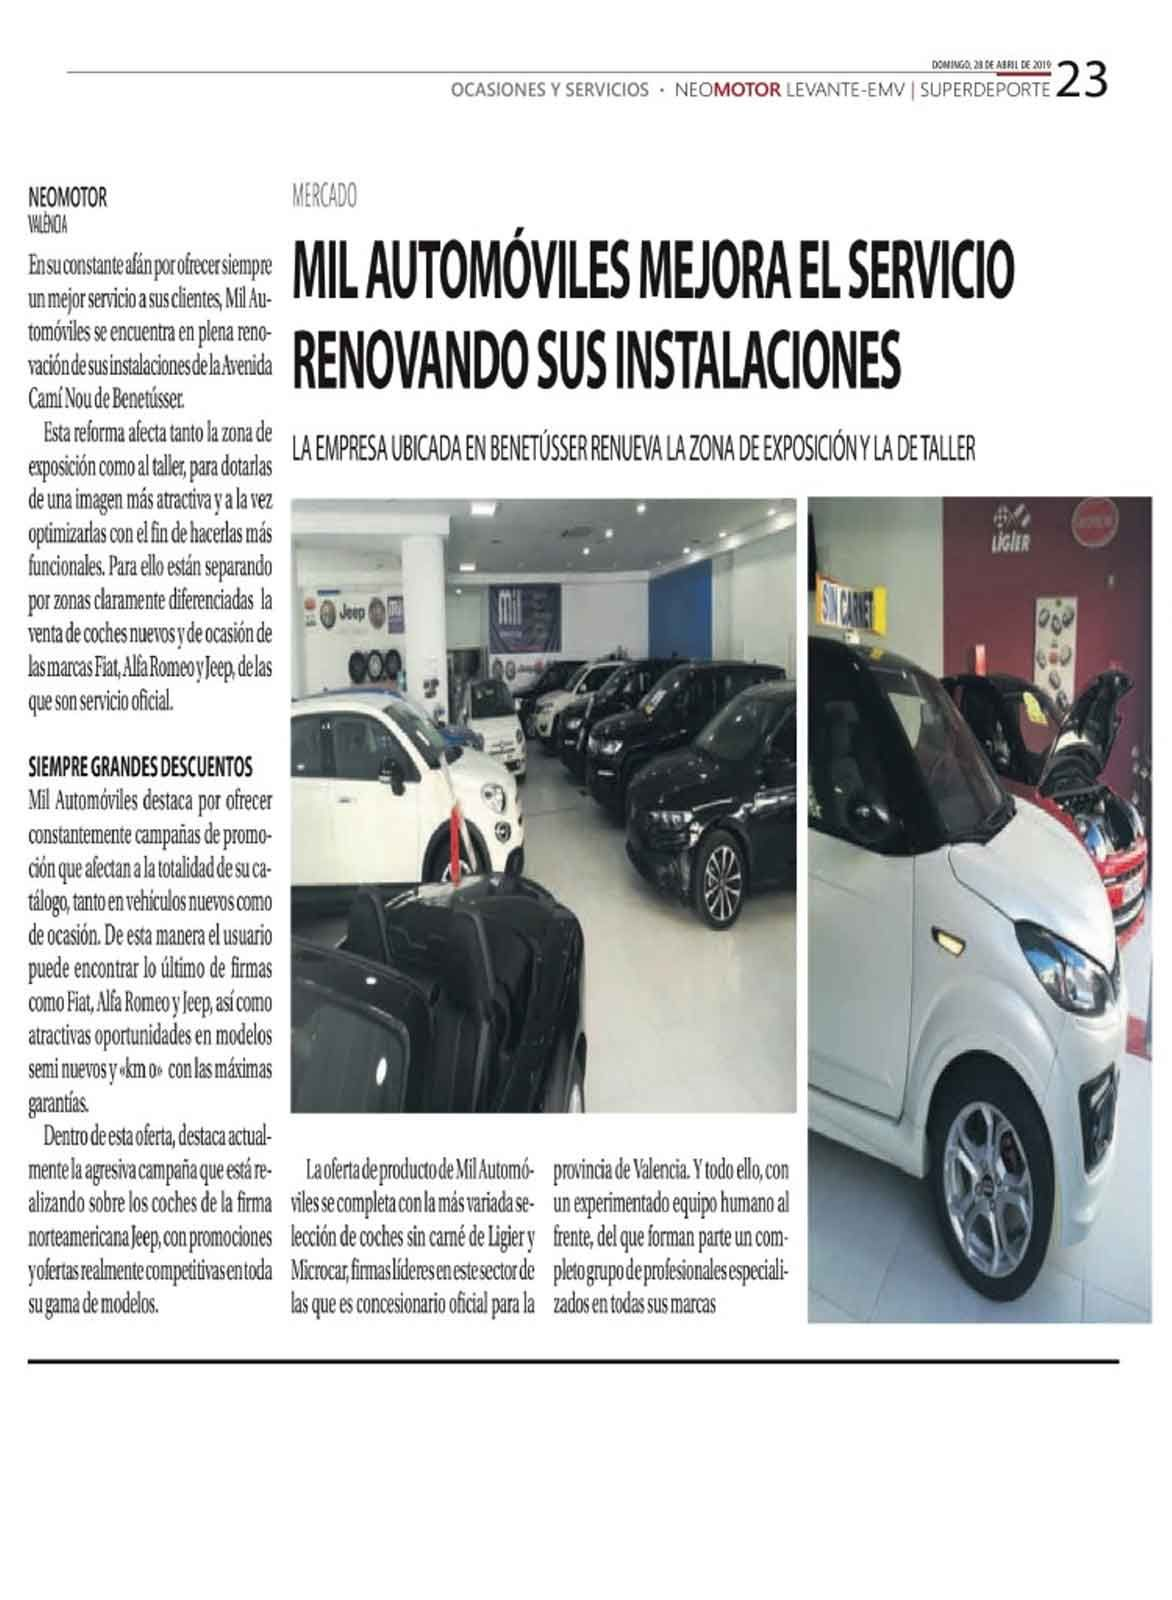 Milautomóviles mejora el servicio renovando sus instalaciones